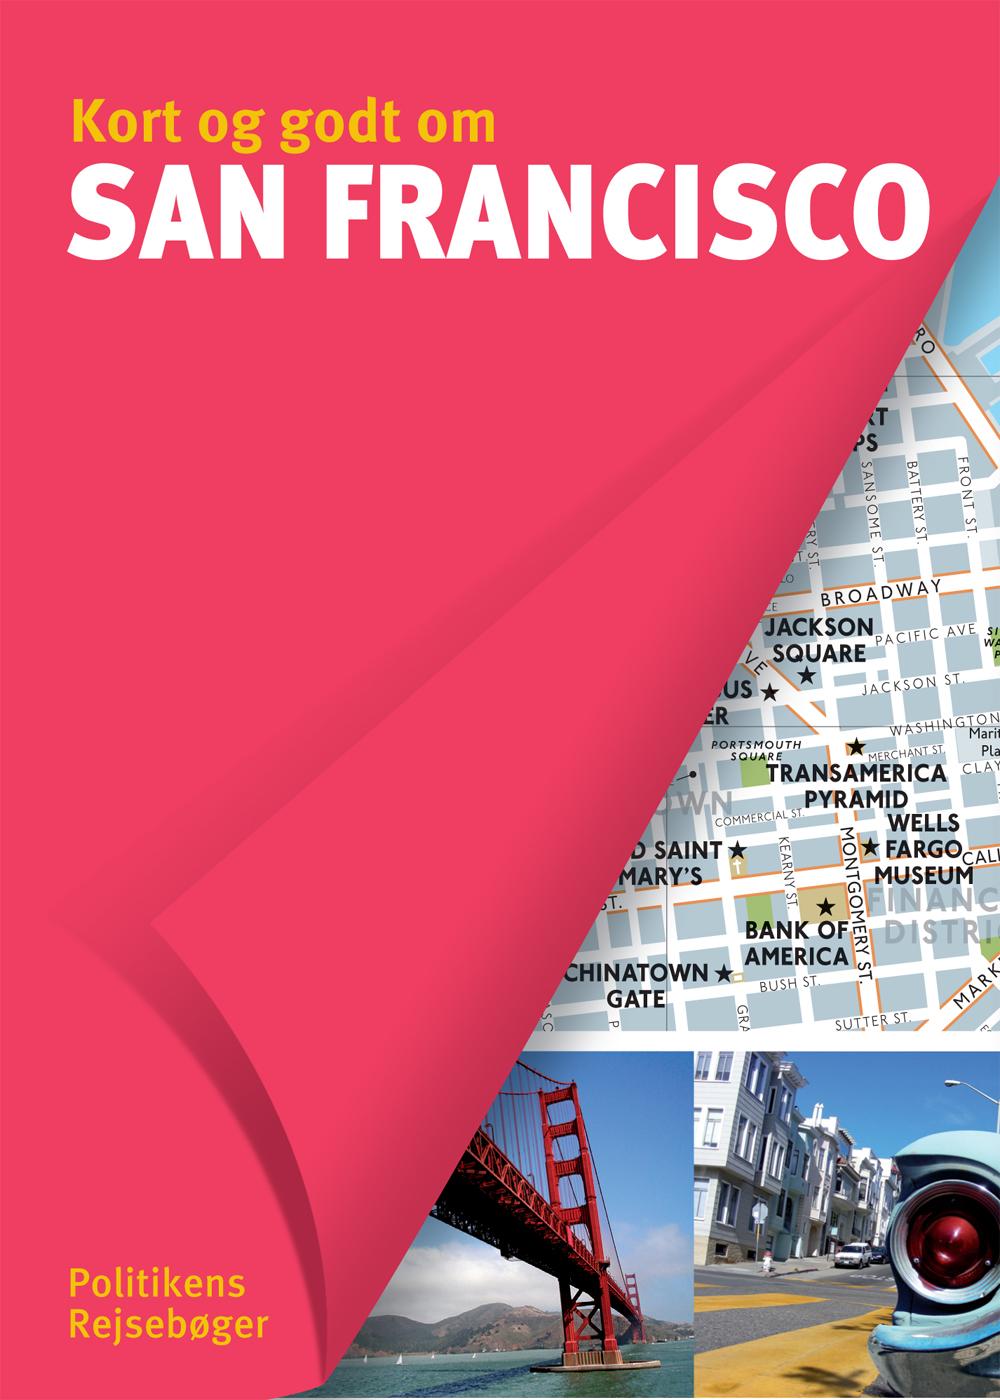 Kort og godt om San Francisco